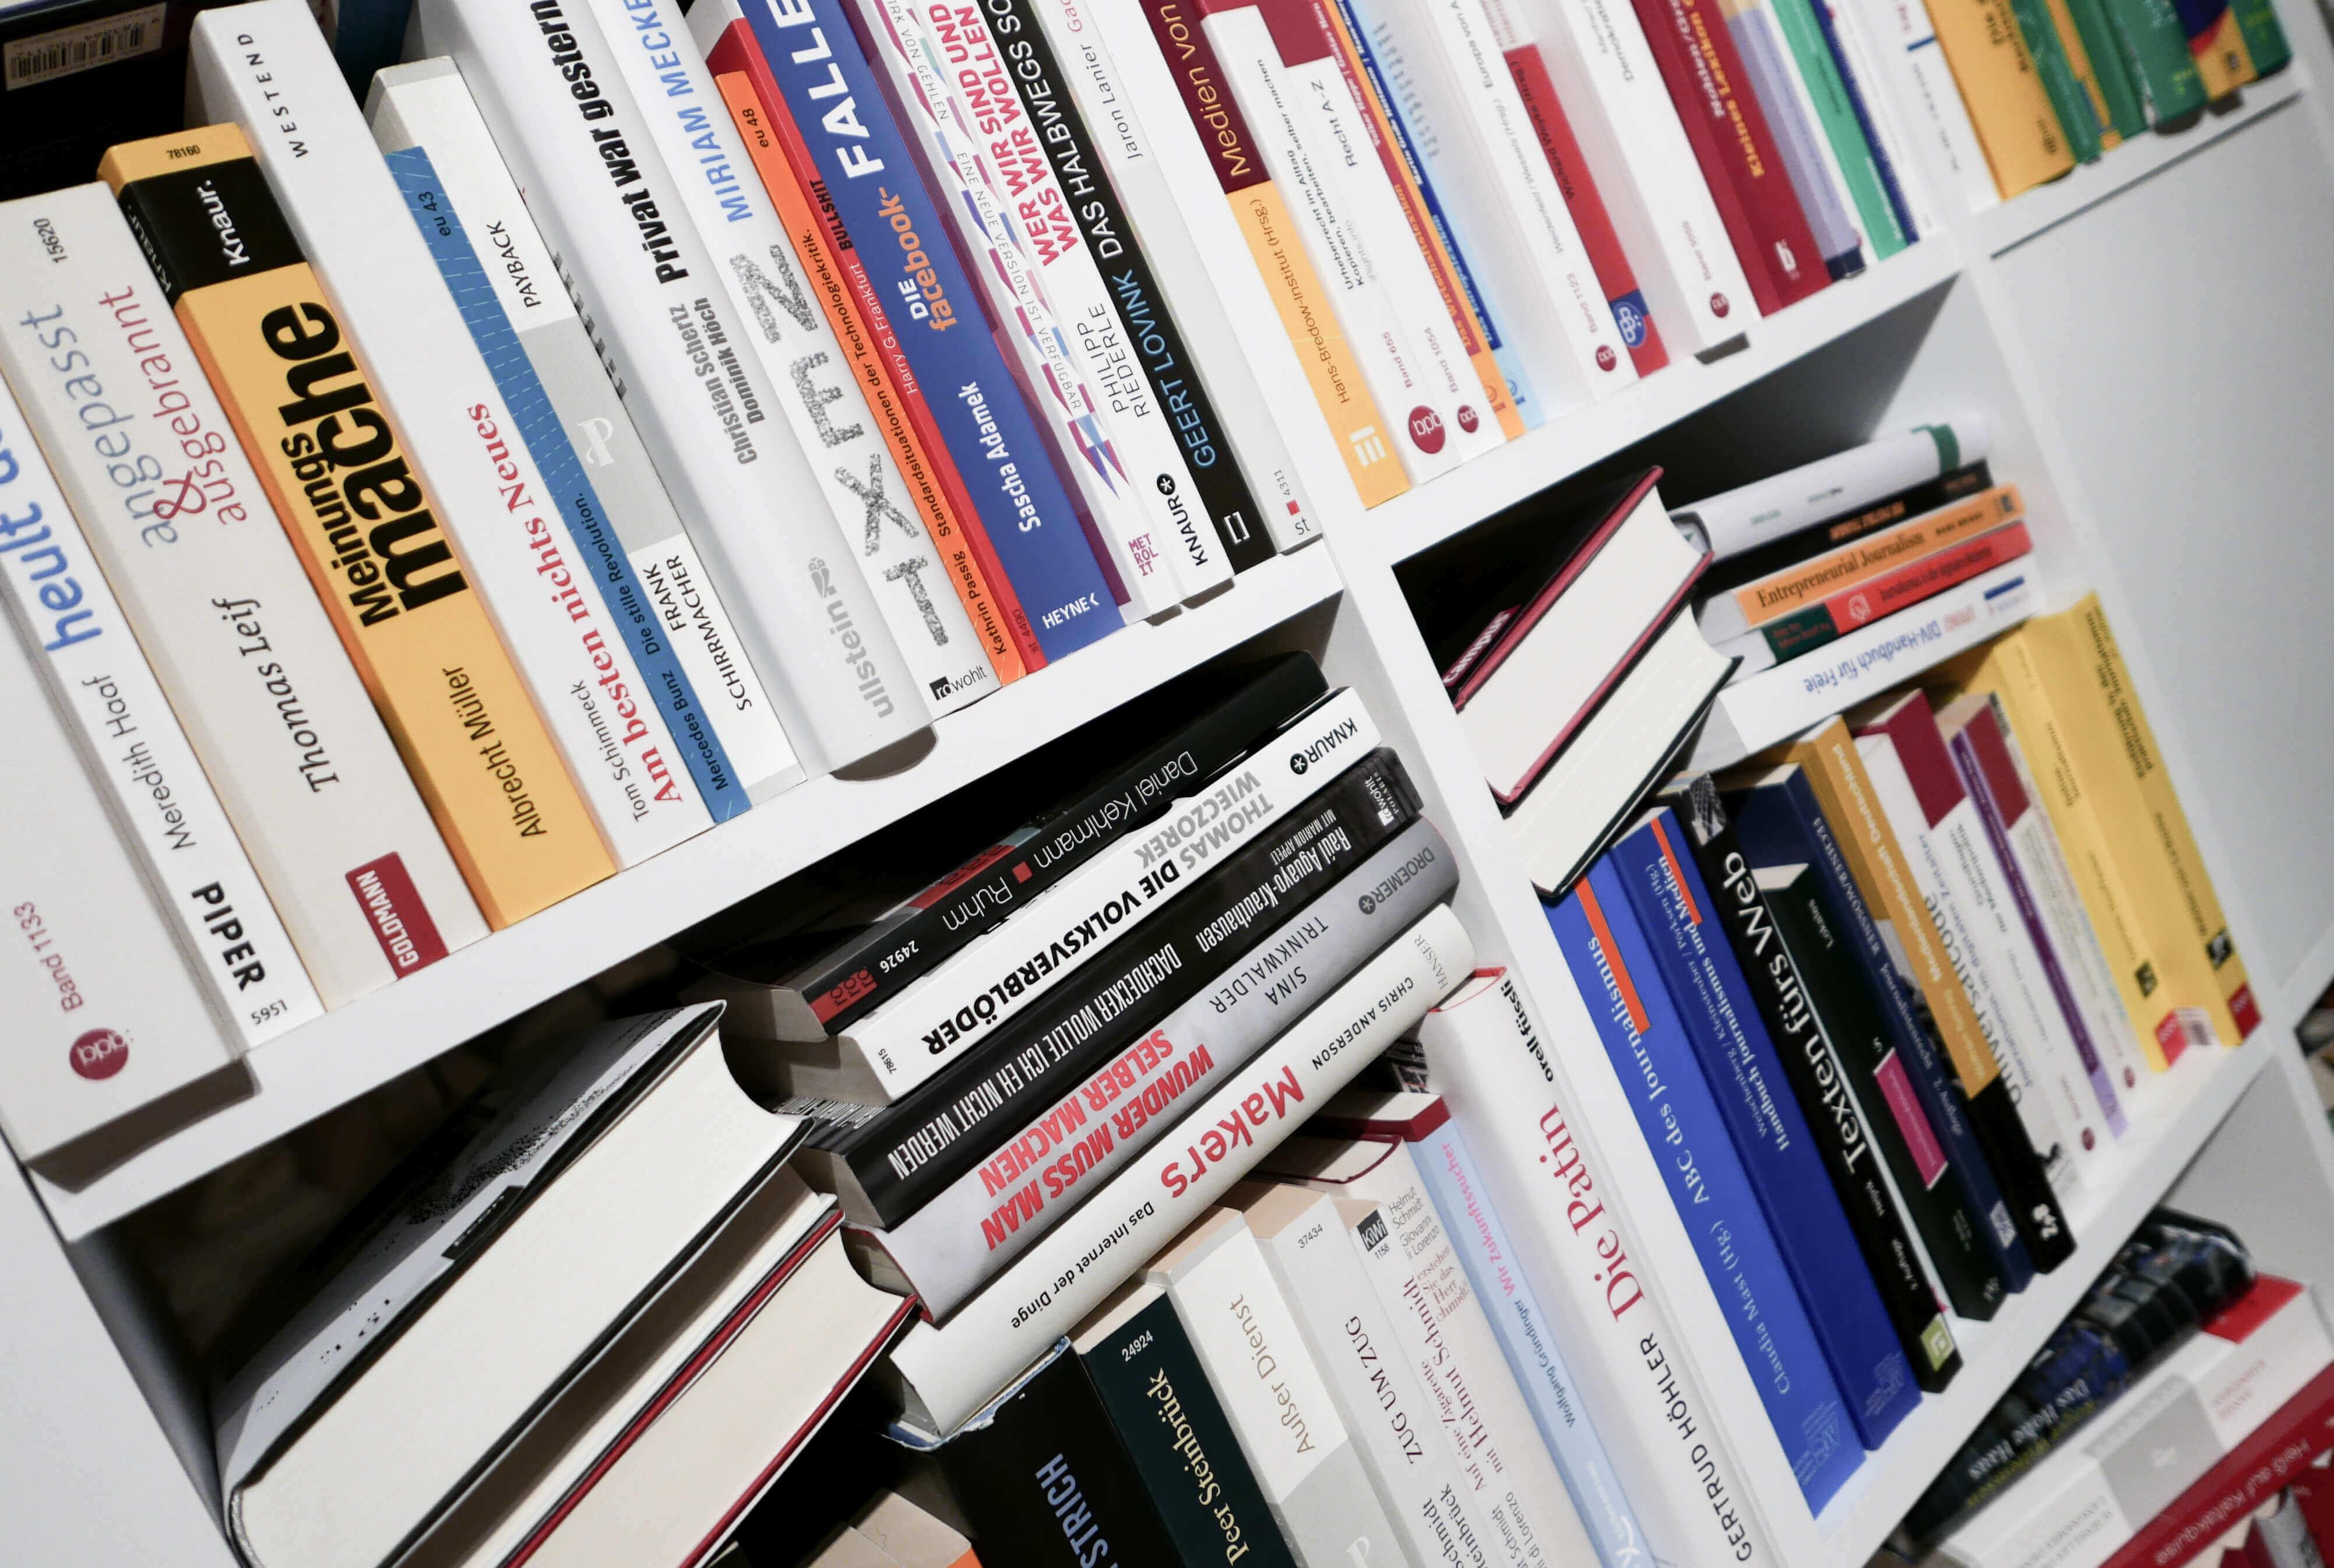 Bücher, Zeitungen, Magazine: Mein Print-Jahr 2014 [+Gewinnspiel]